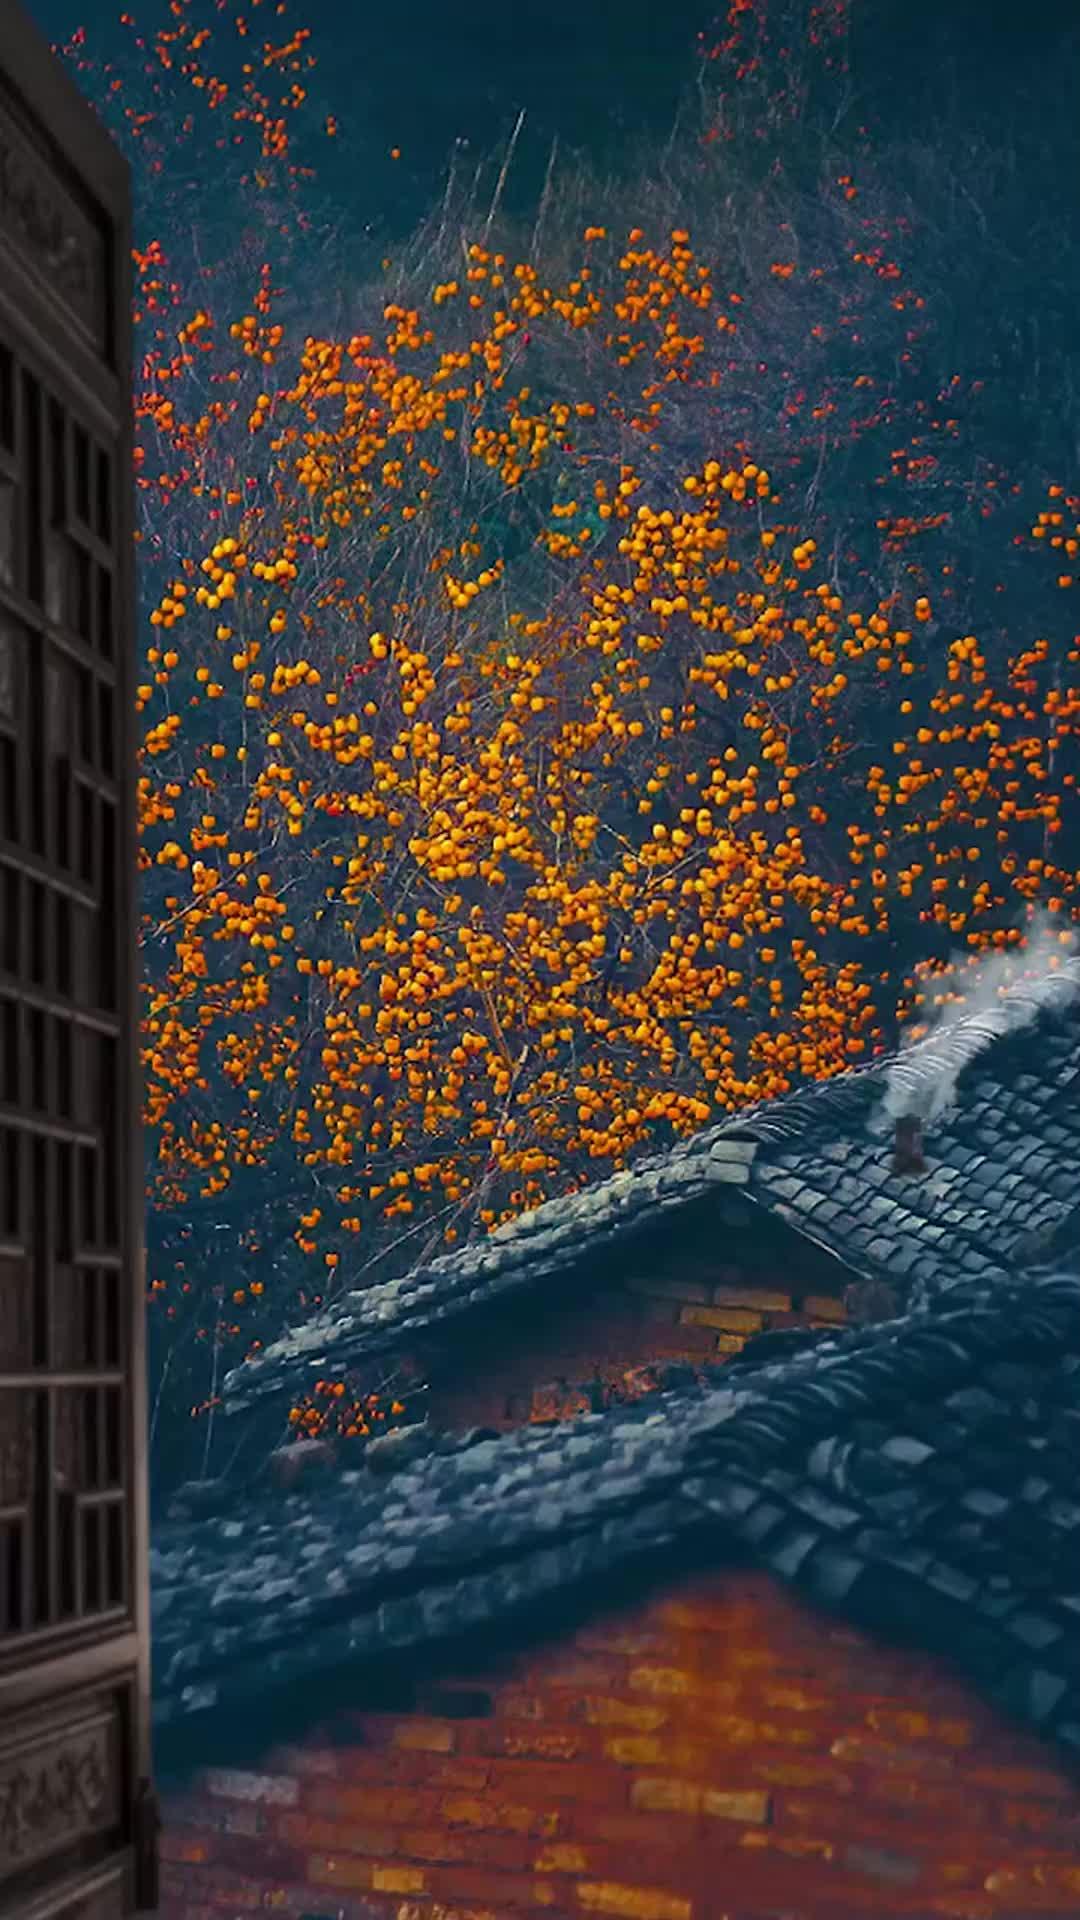 一曲经典的《刘德华-情感的禁区》如同山涧潺潺流水,盈盈悦耳